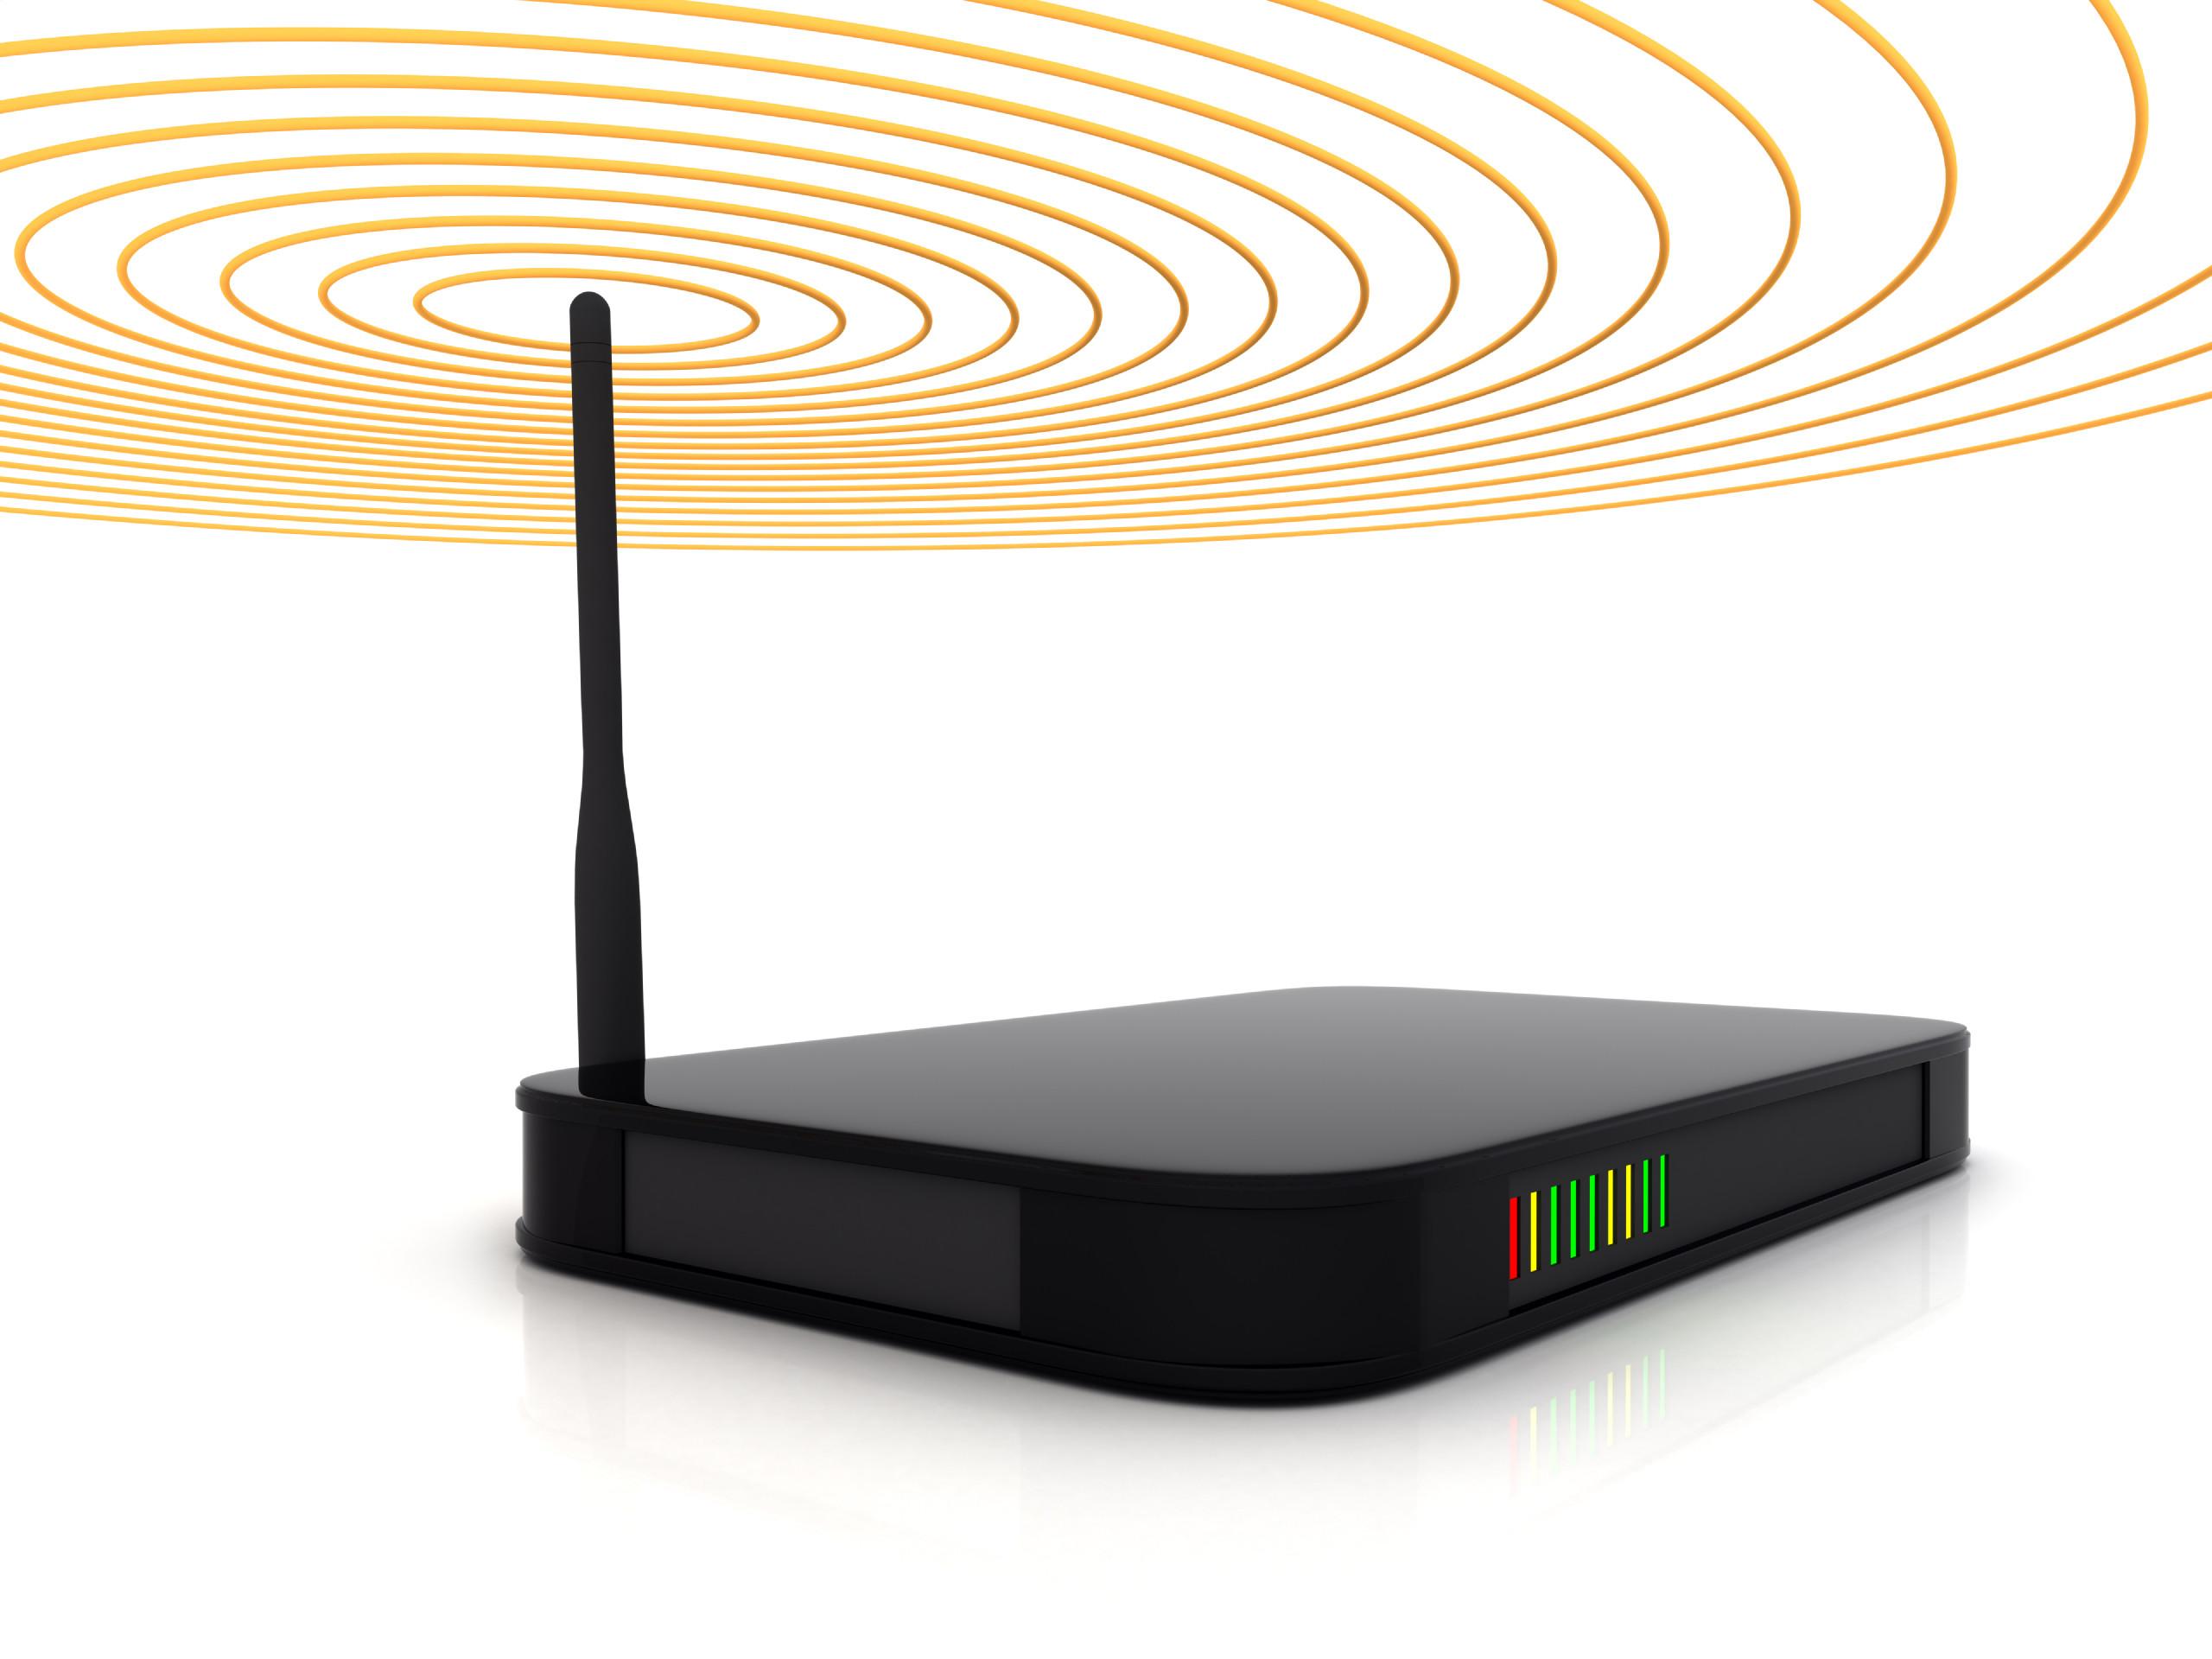 Wi-Fi Sinyallerini Güçlendirmenin 5 Bilimsel Yolu